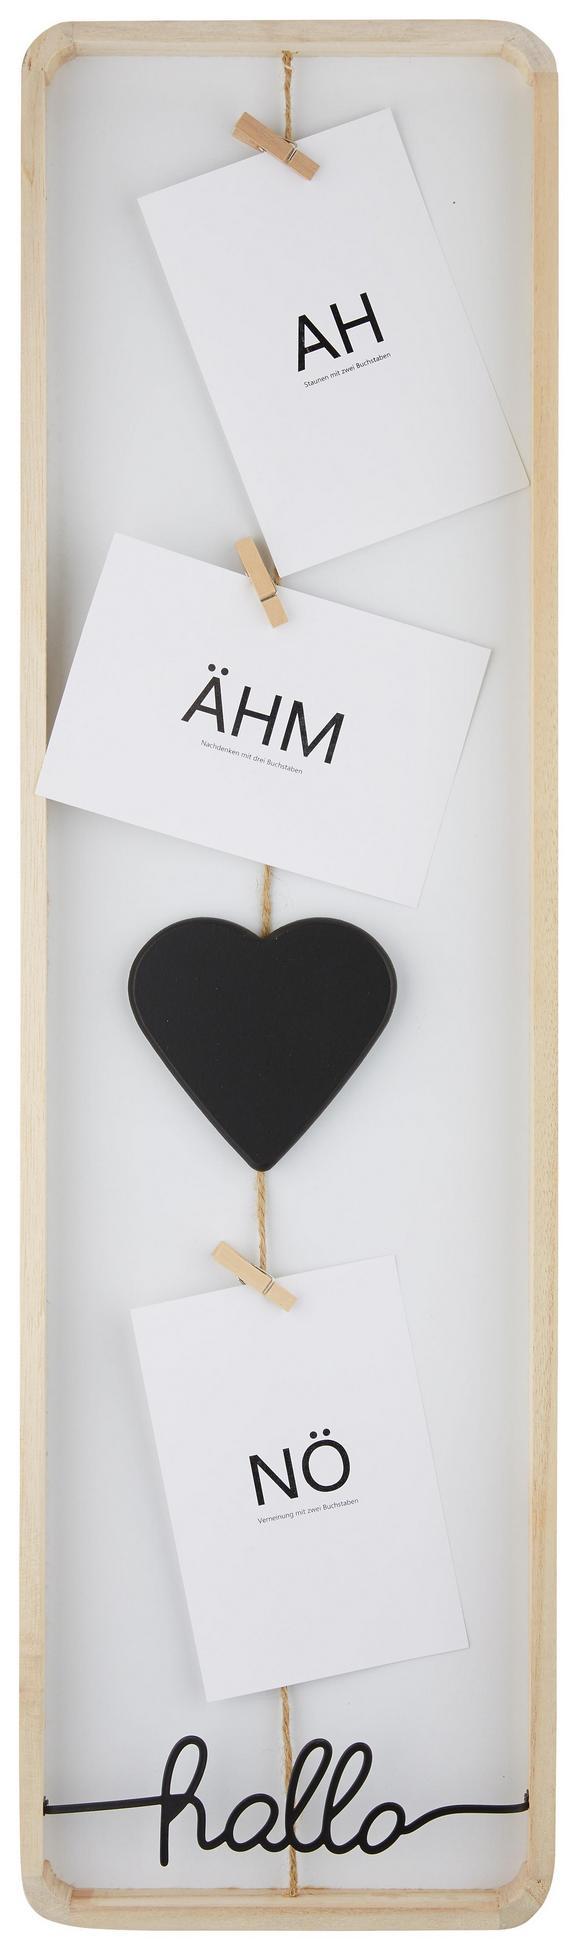 Fotohalter Milus in verschiedenen Farben - ROMANTIK / LANDHAUS, Holz/Holzwerkstoff (20/70cm)